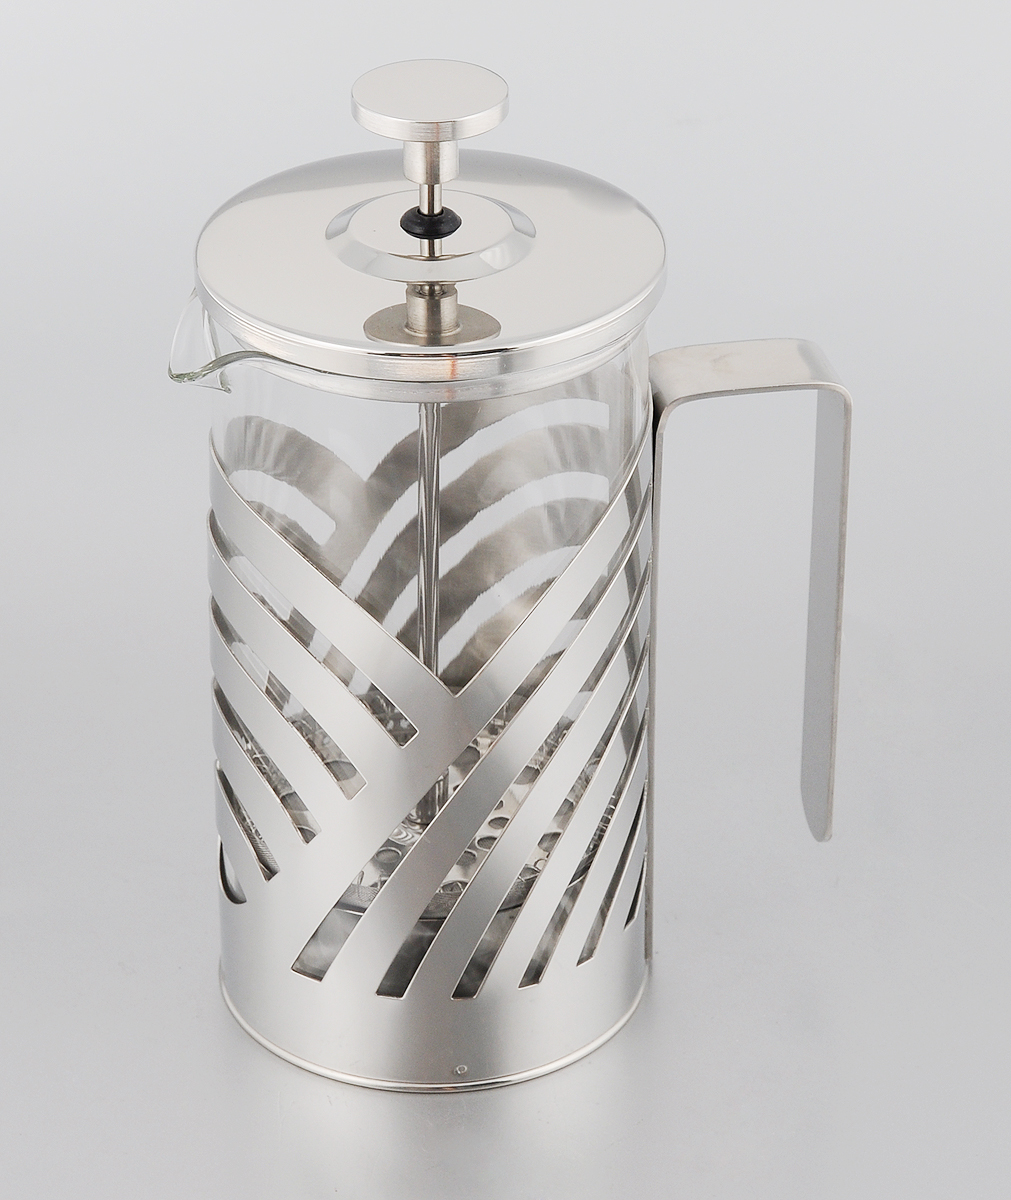 Френч-пресс Mayer & Boch, 600 мл. 2322123221Френч-пресс Mayer & Boch позволит быстро и просто приготовить свежий и ароматный чай или кофе. Корпусизготовлен из высококачественного жаропрочного боросиликатного стекла, устойчивого к окрашиванию,царапинам и термошоку. Фильтр-поршень из нержавеющей стали выполнен по технологии press-up дляобеспечения равномерной циркуляции воды.Готовить напитки с помощью френч-пресса очень просто. Насыпьте внутрь заварку и залейте кипятком.Остановить процесс заваривания легко. Для этого нужно просто опустить поршень, и заварка уйдет вниз,оставляя вверху напиток, готовый к употреблению.Заварочный чайник с прессом - это совершенный чайник для ежедневного использования. Практичный и стильныйдизайн полностью соответствует последним модным тенденциям в создании предметов кухонной утвари.Диаметр: 9 см.Высота (с учетом крышки): 19,5 см.